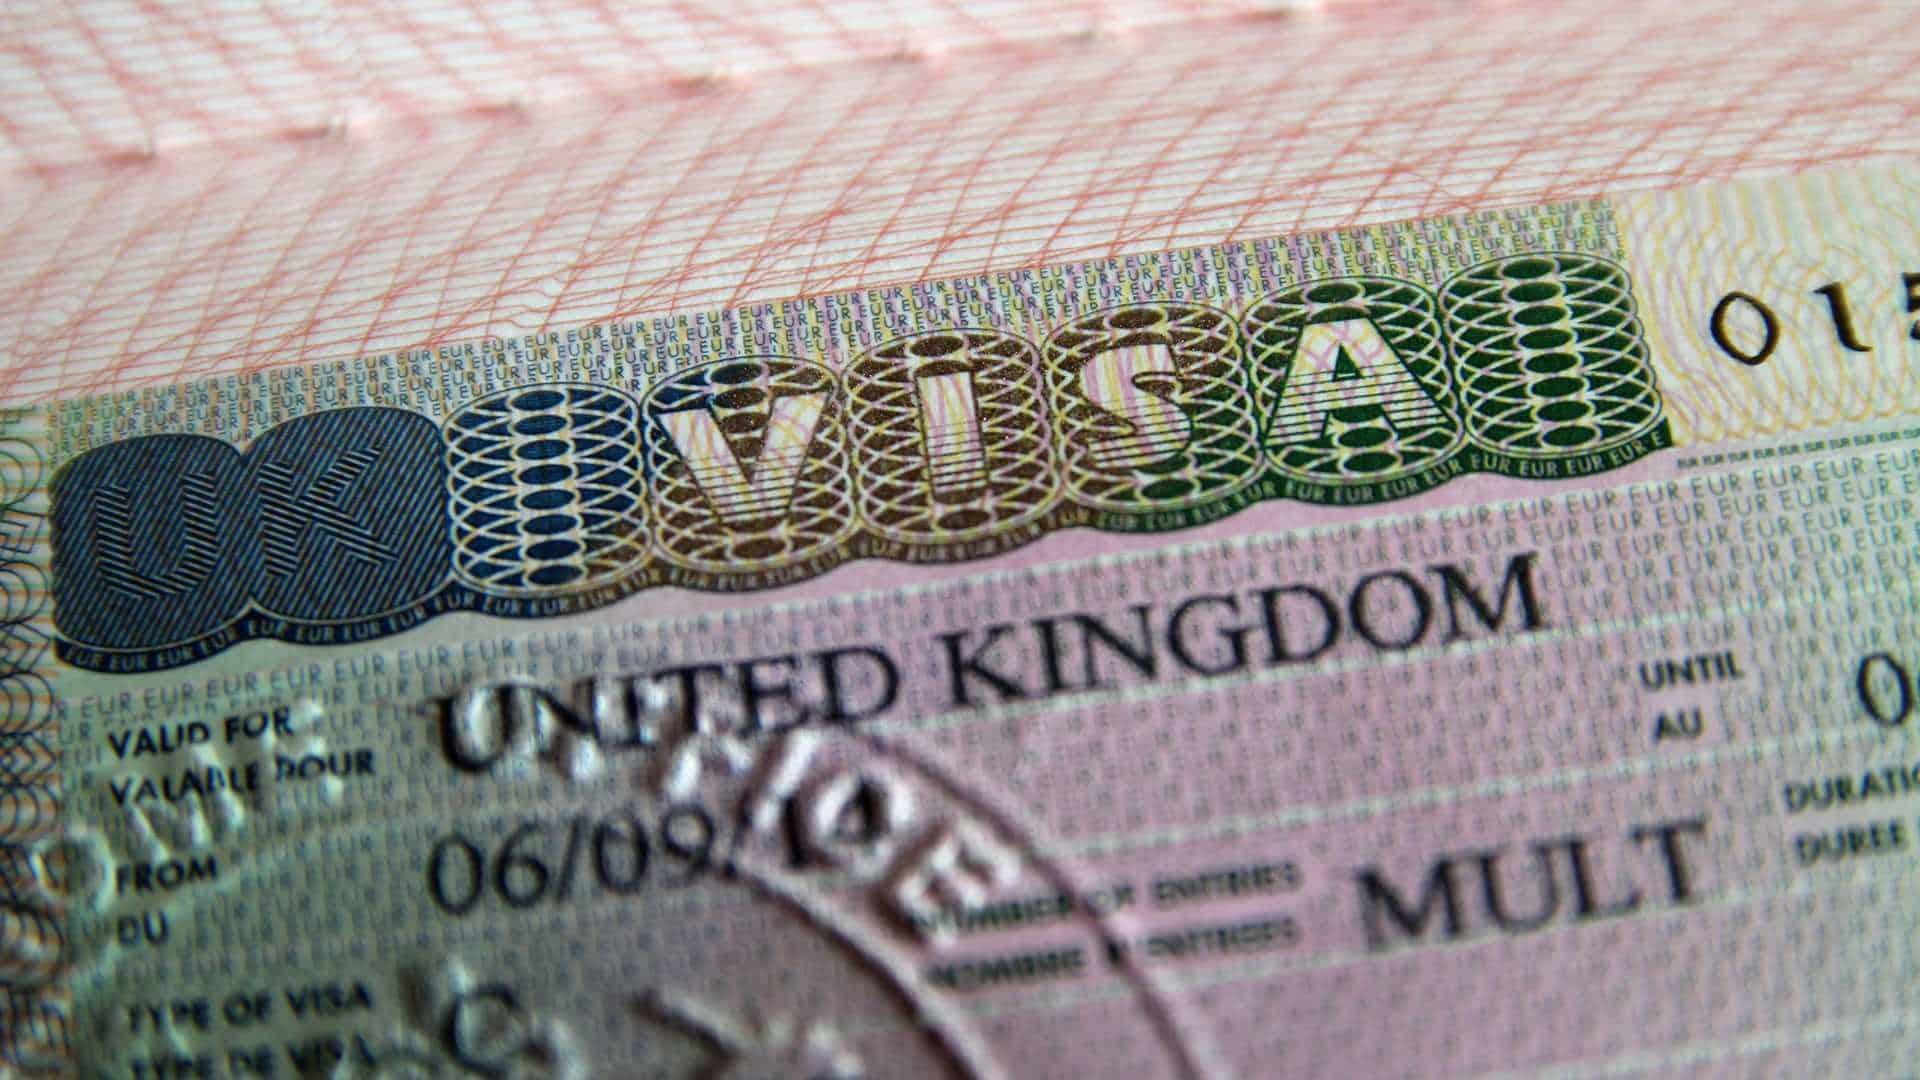 أسباب رفض فيزا بريطانيا ..تعرف على أهم 10 أسباب لرفض الفيزا